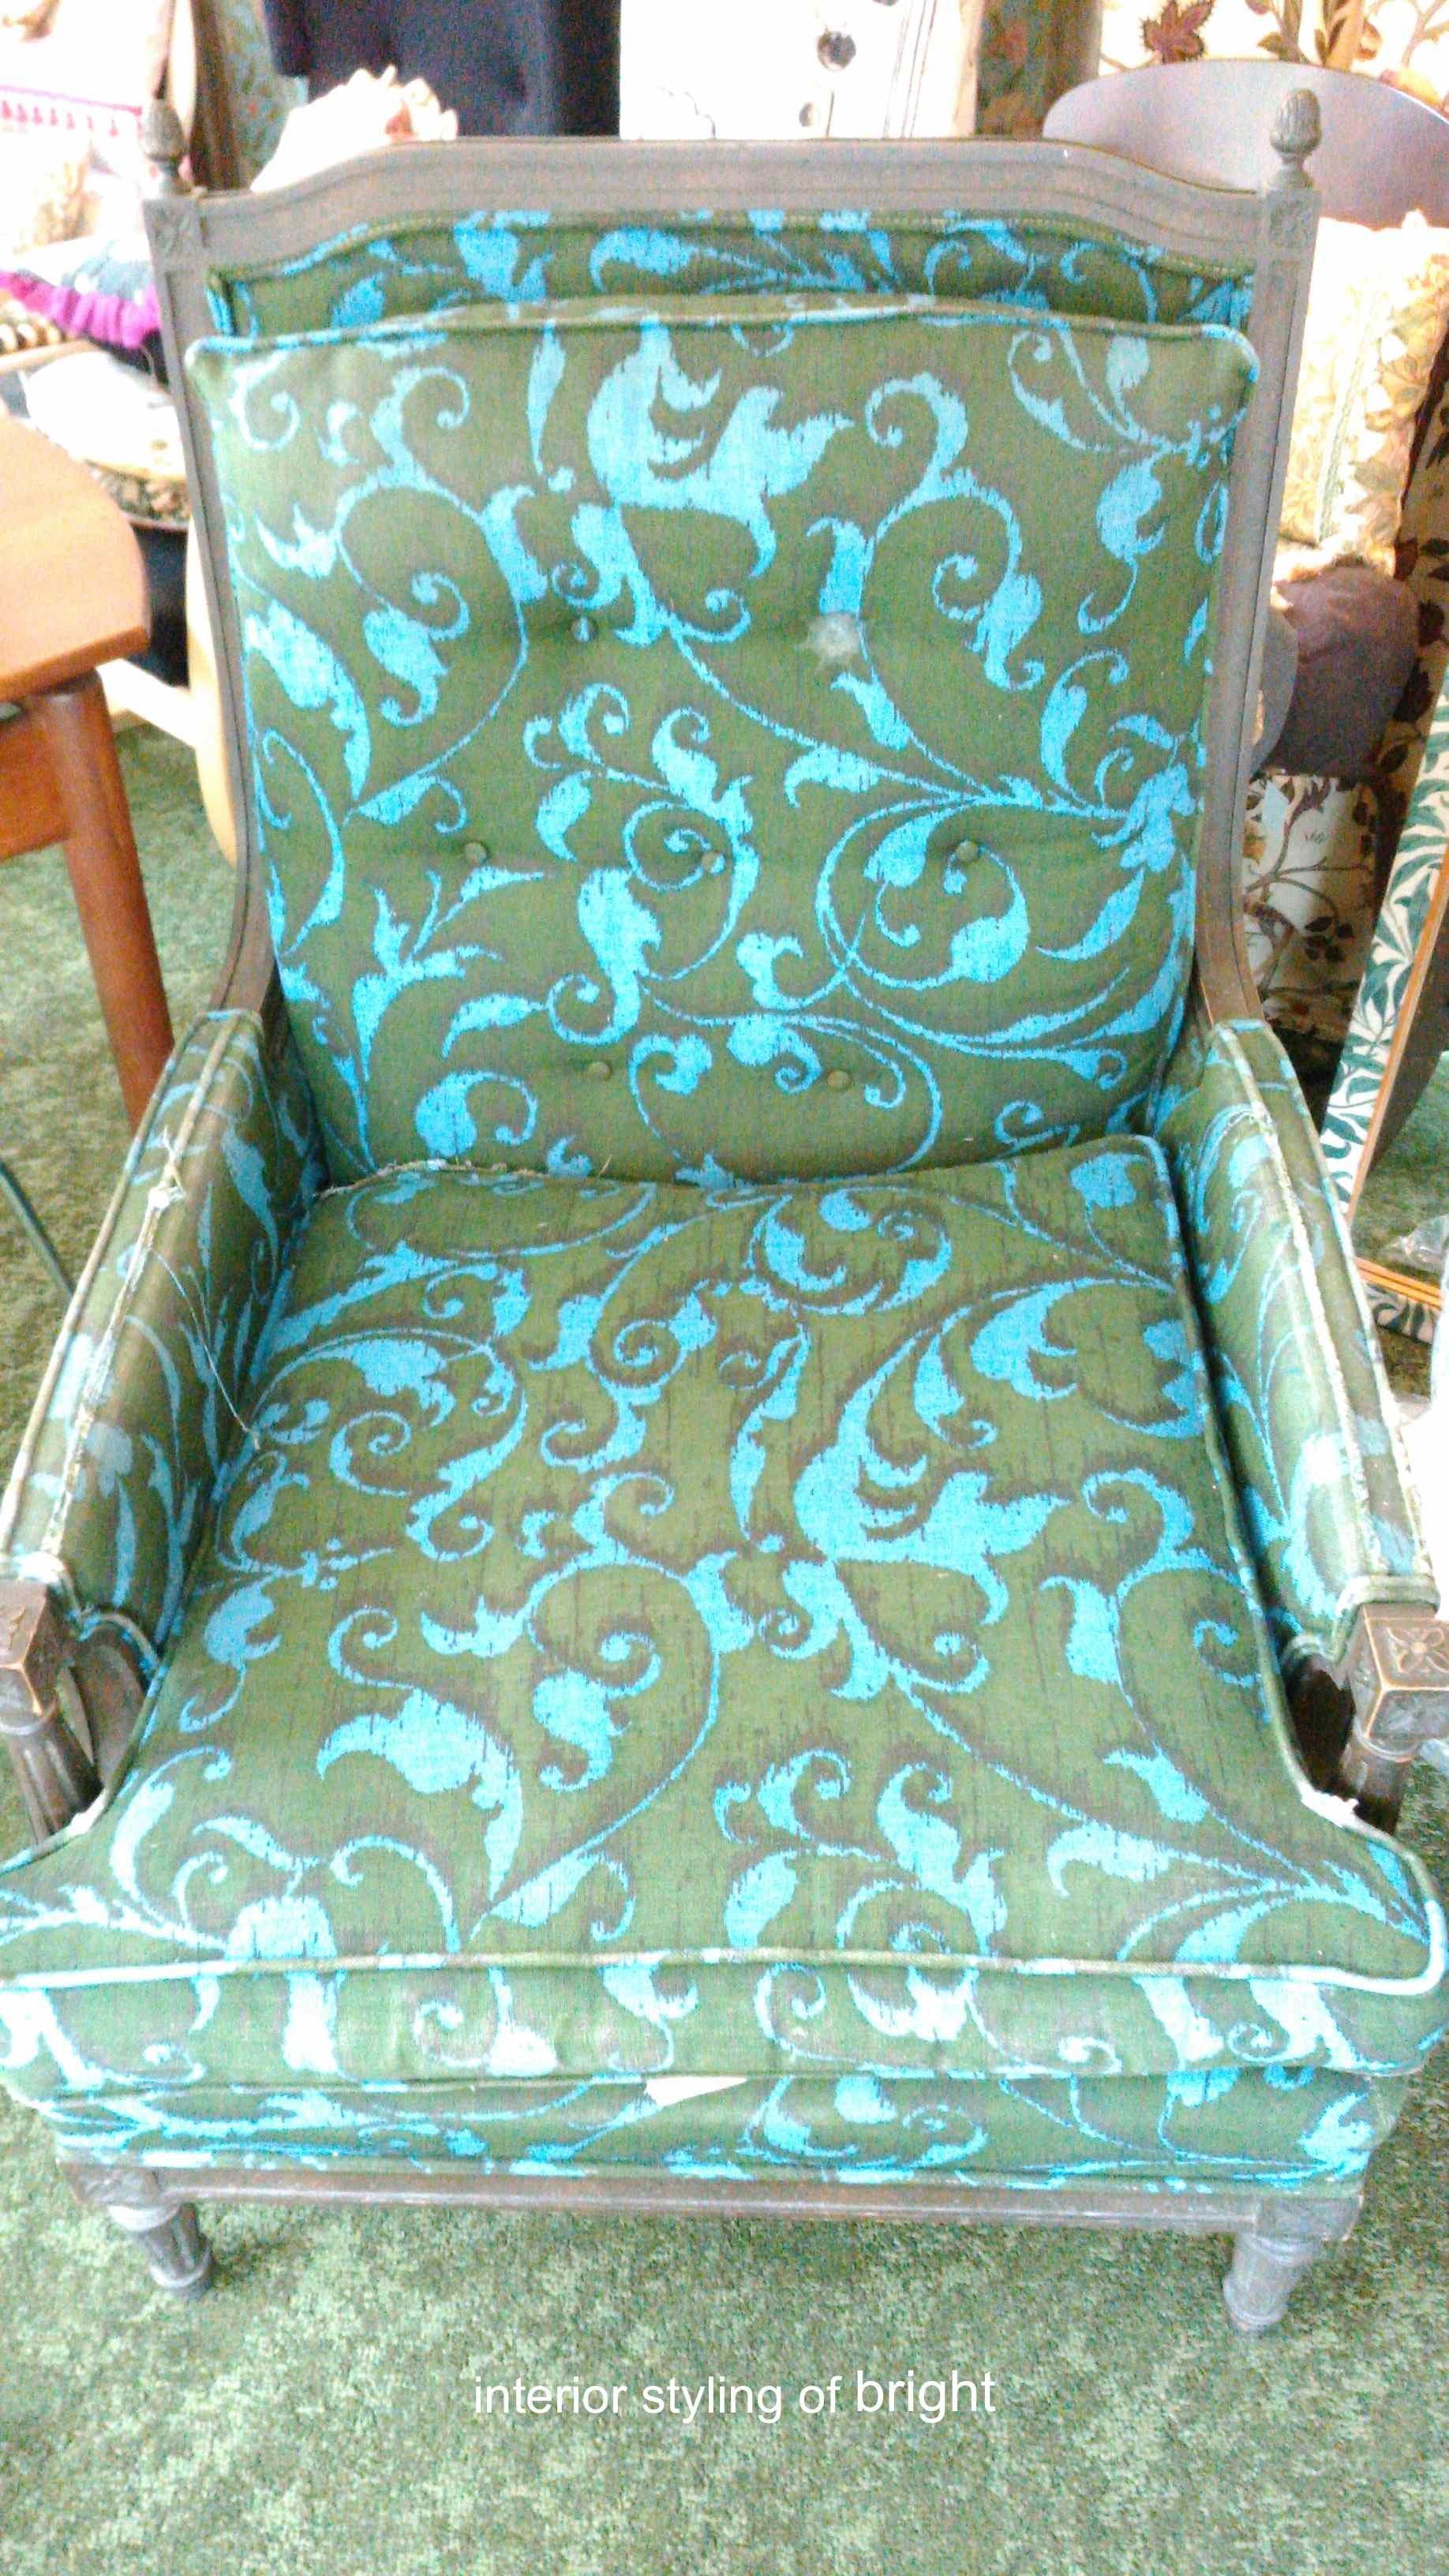 モリス 椅子張替『ラークスパー』 ウィリアムモリス正規販売店のブライト_c0157866_15013610.jpg